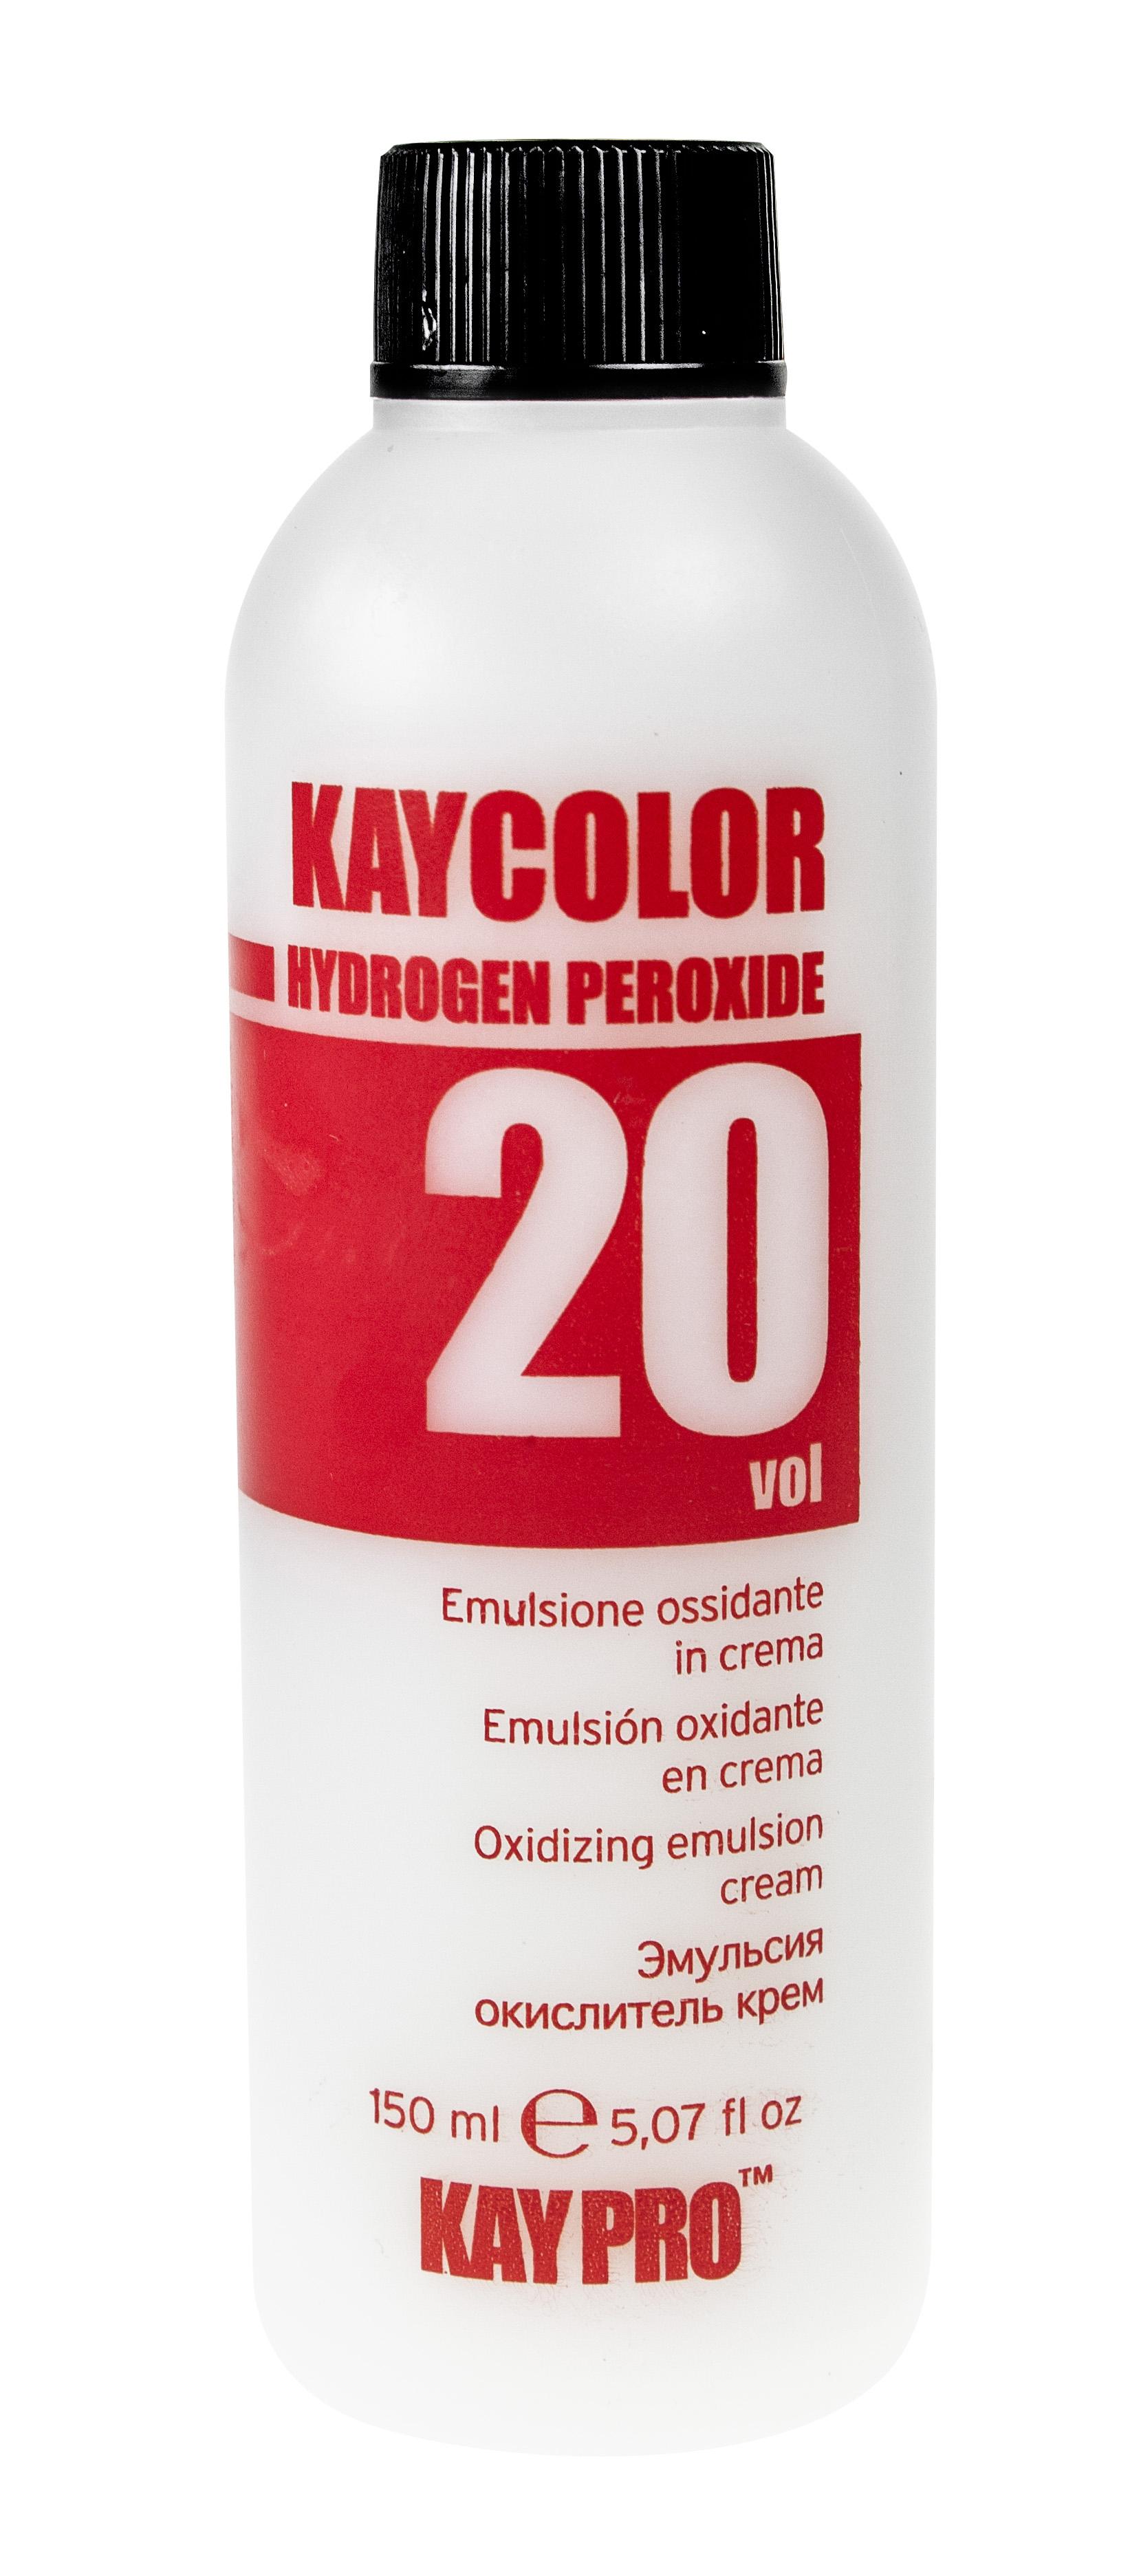 KAYPRO Эмульсия окислительная 20 vol (6%) / KAY COLOR 150мл earth 2 vol 6